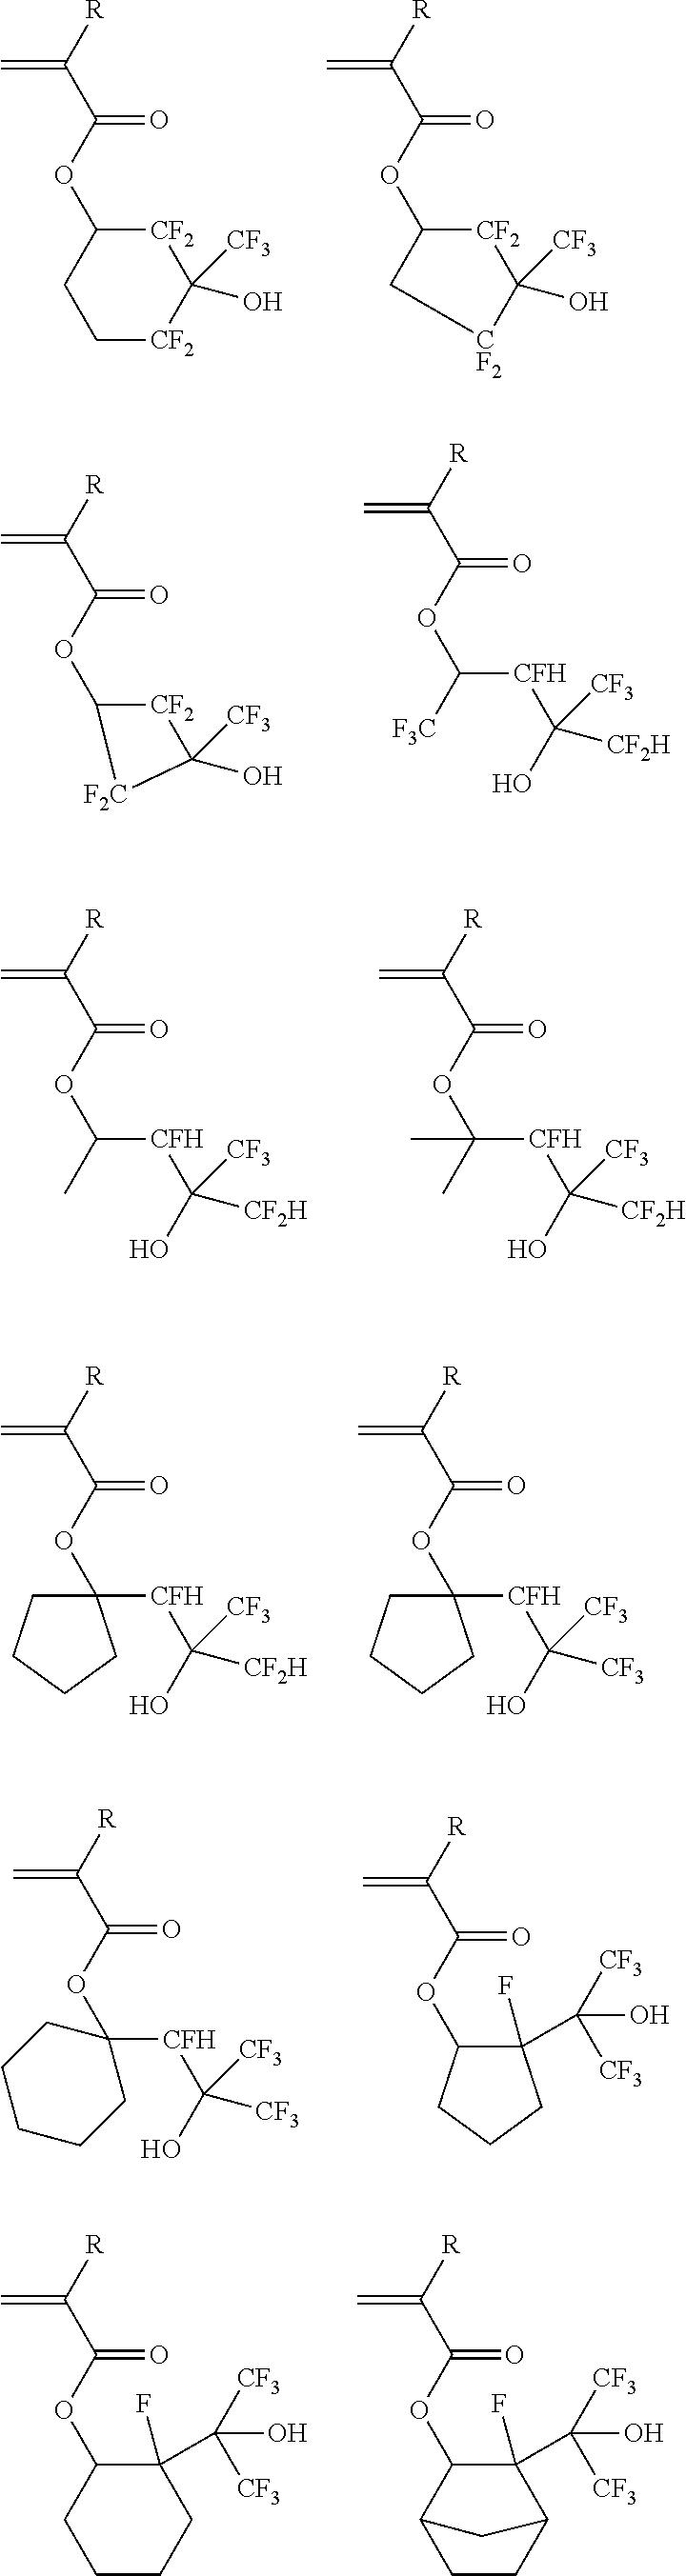 Figure US09040223-20150526-C00042